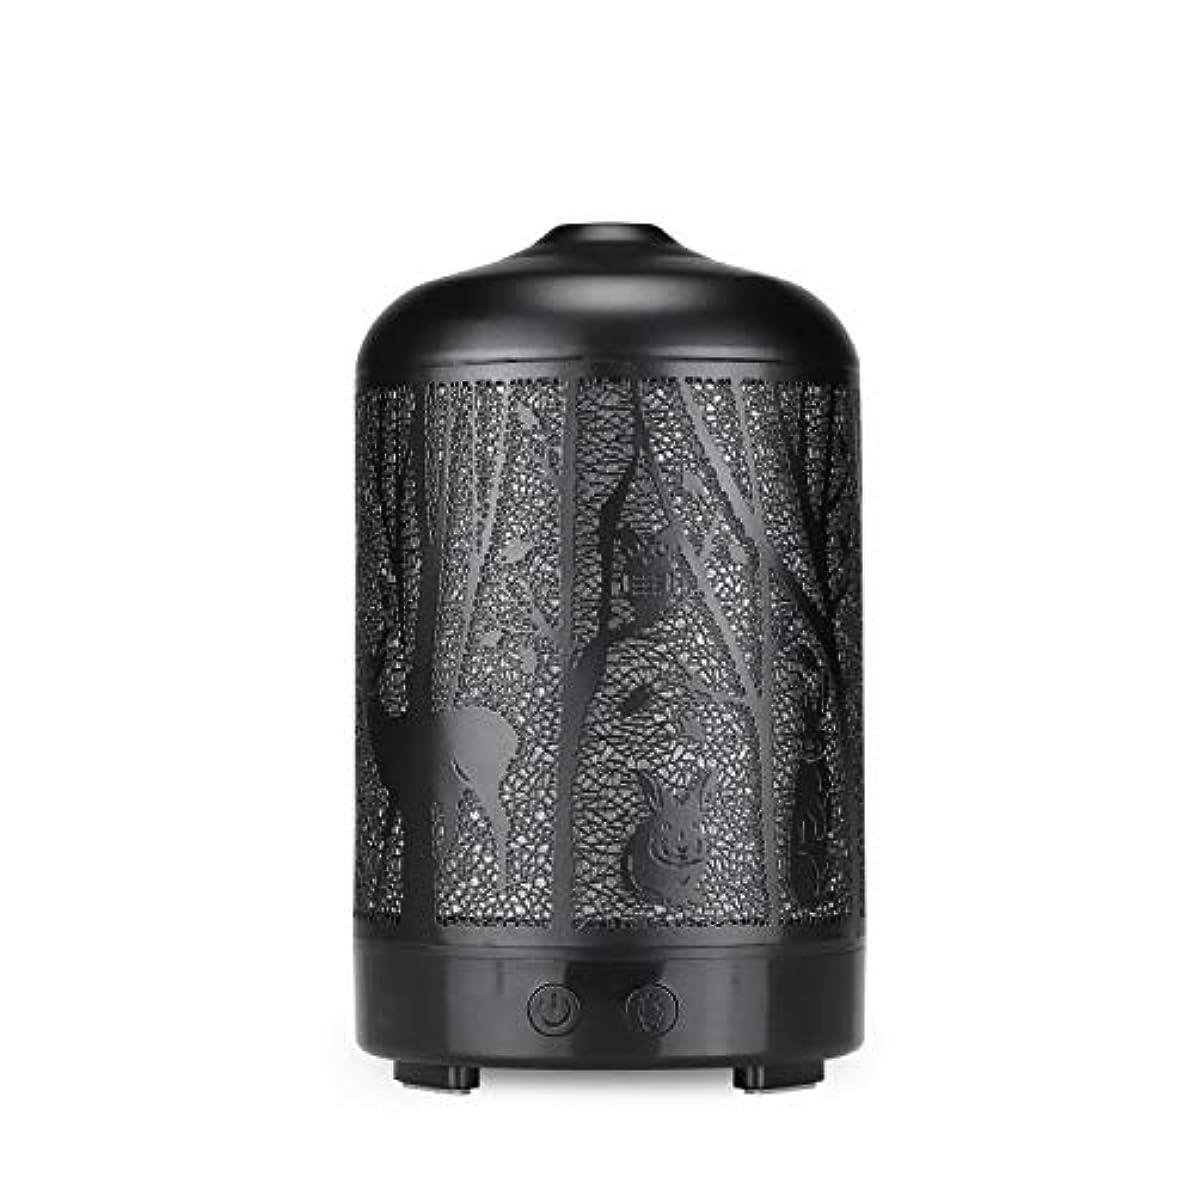 仮説従順な思慮深いエッセンシャルオイルディフューザー、100 ml超音波金属ディアーアロマセラピー香り油拡散気化器加湿器